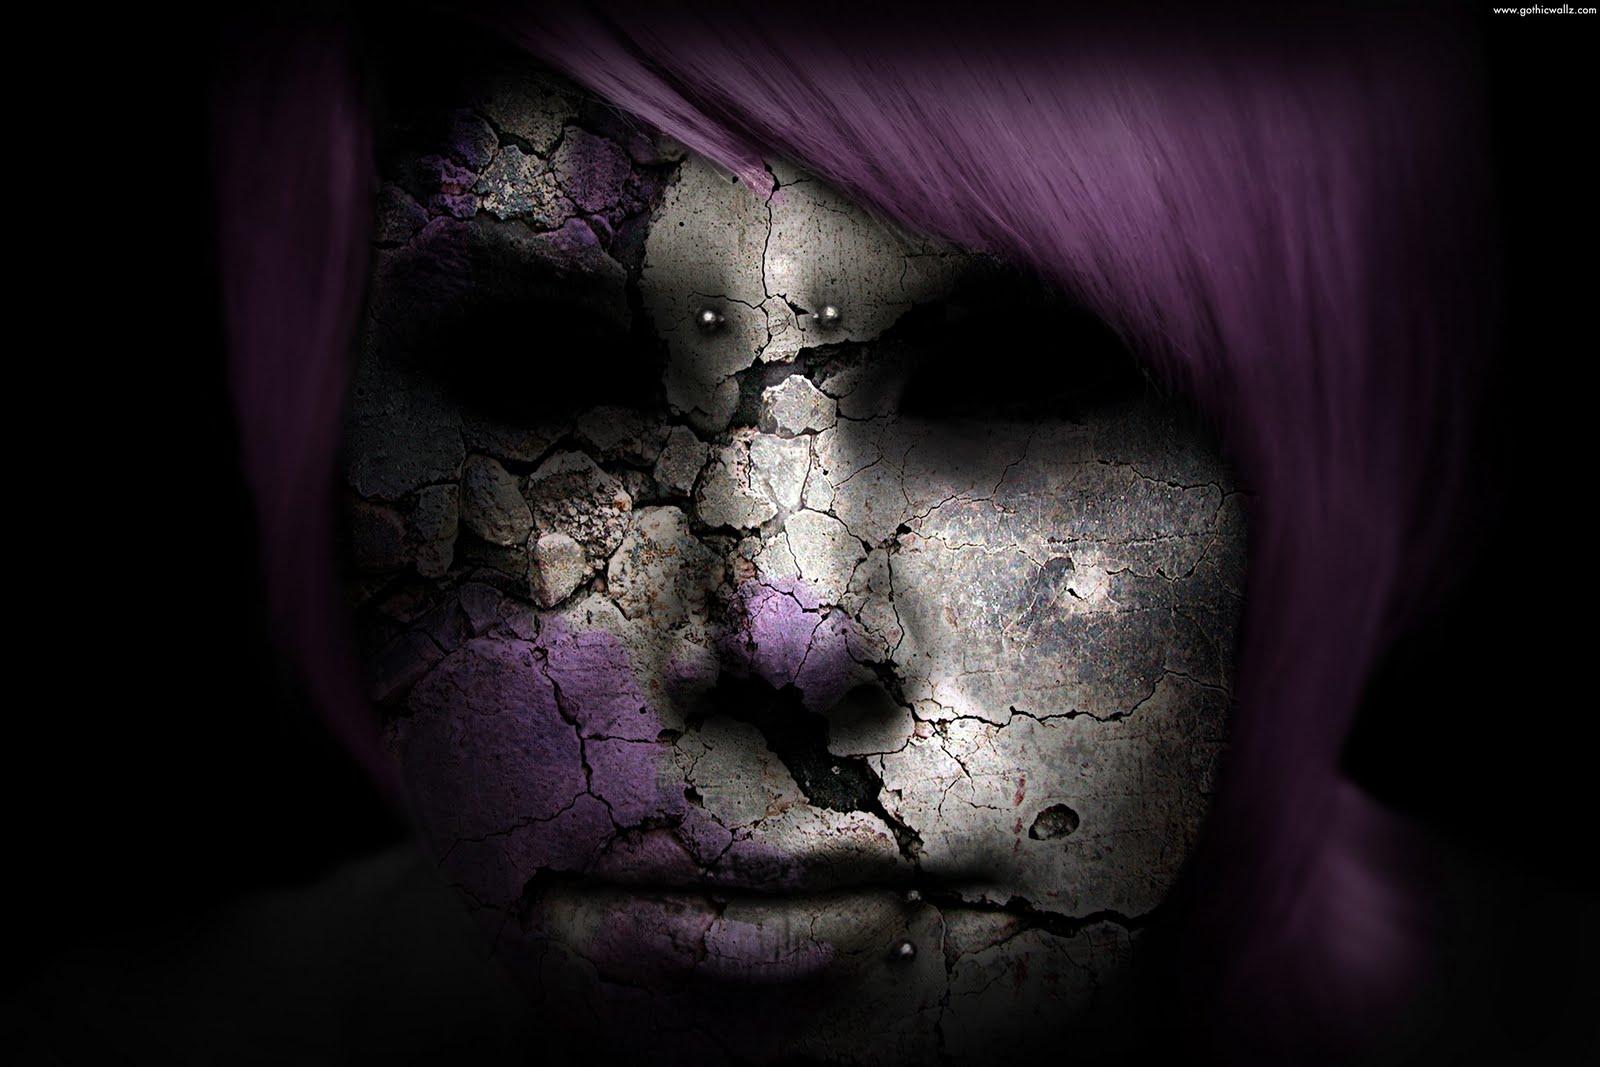 Dark Girl Cracked Face | Dark Gothic Wallpaper Download